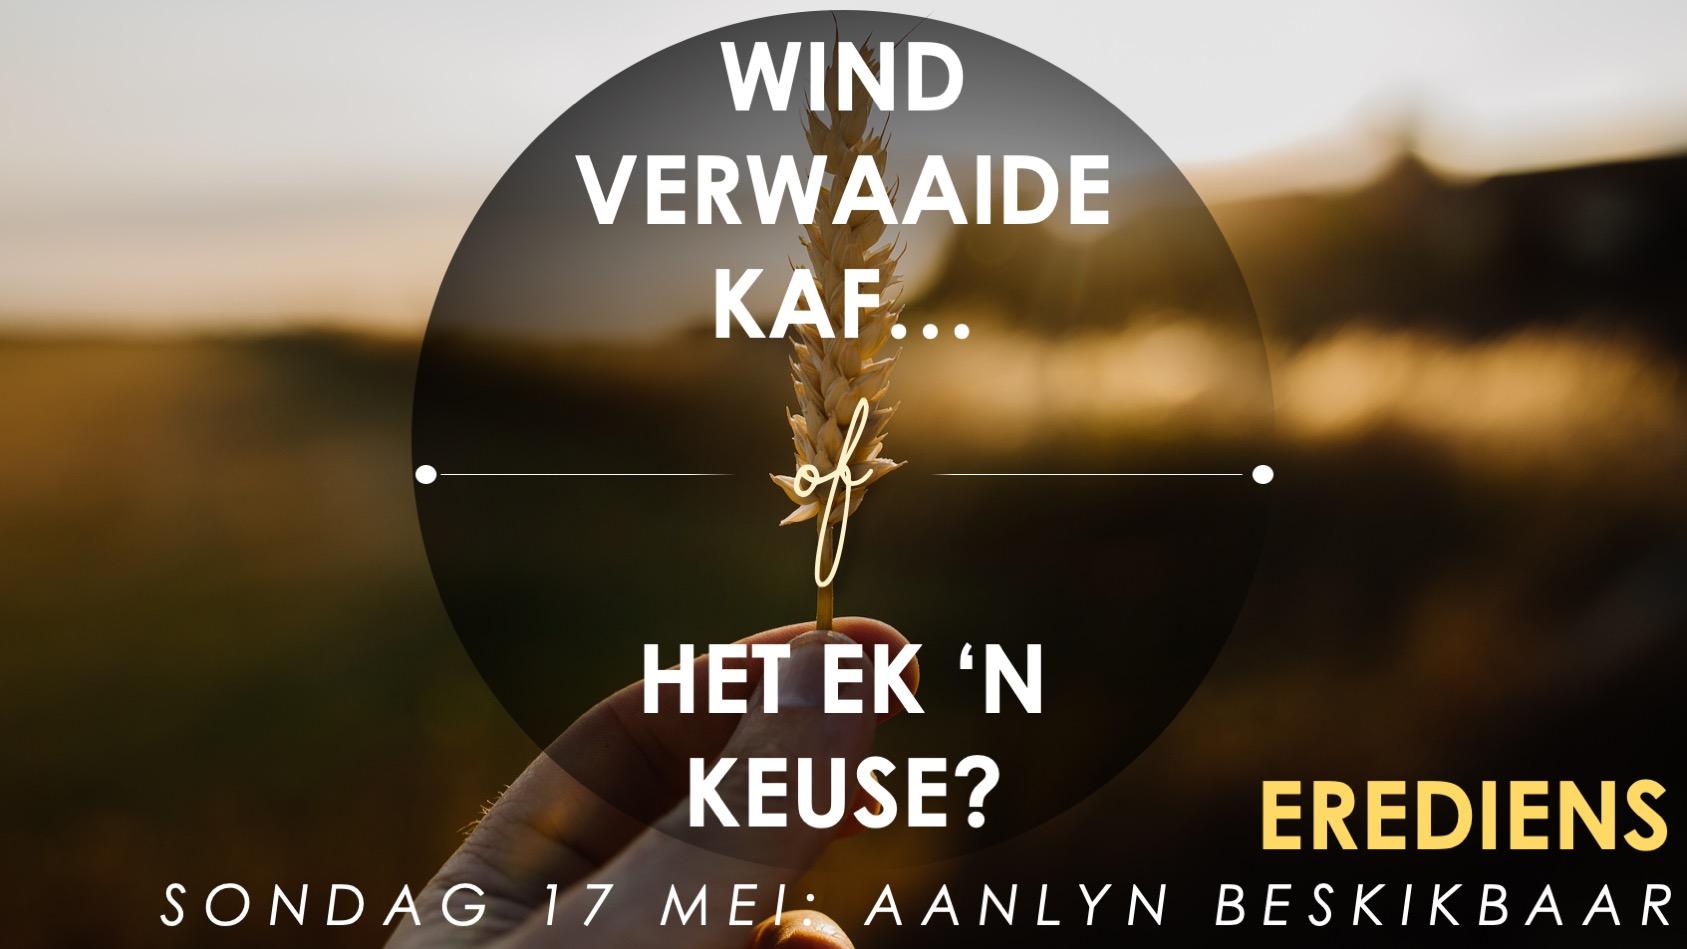 Wind verwaaide kaf… of het ek 'n keuse